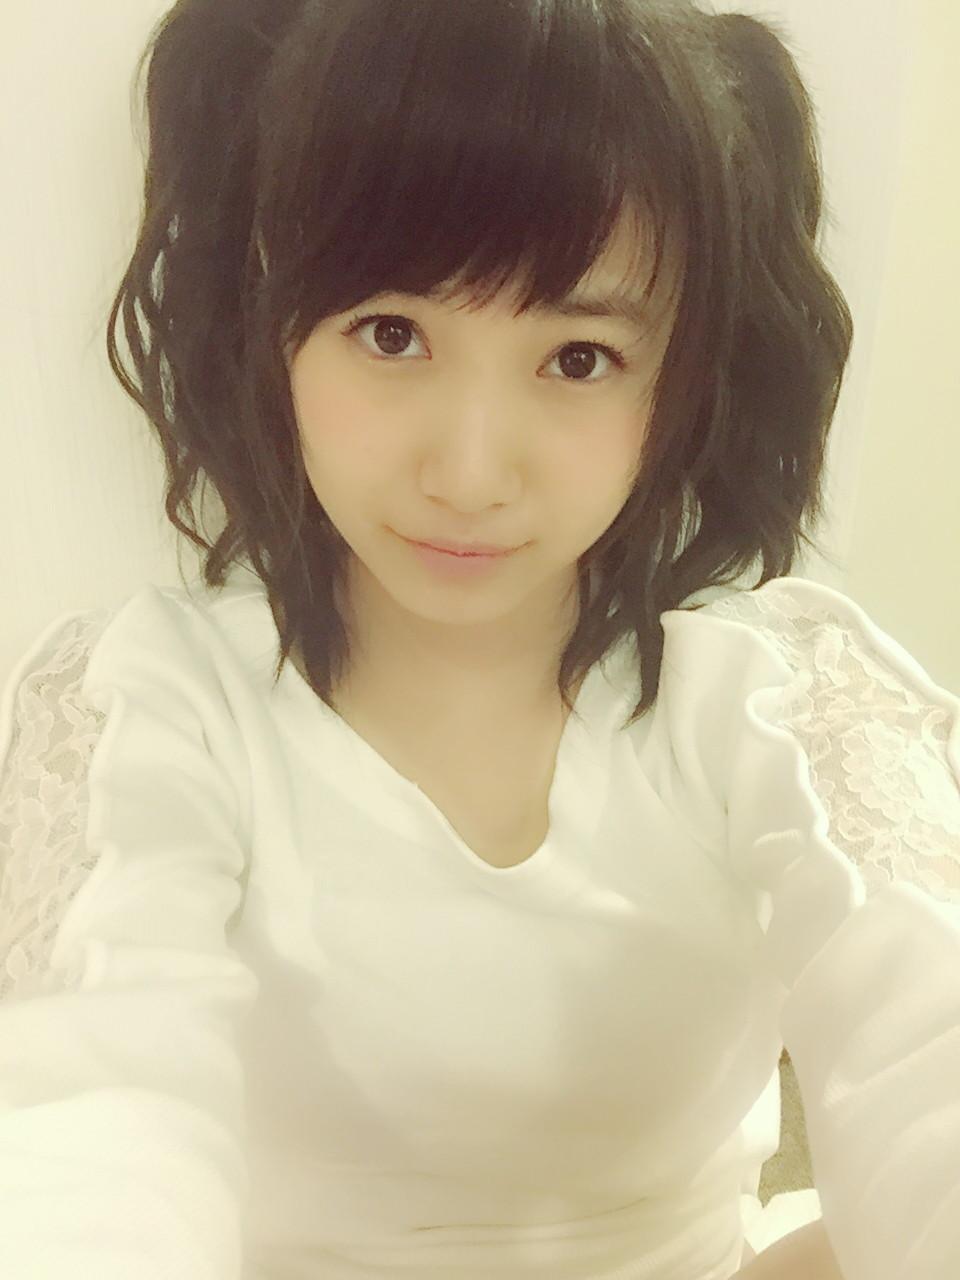 31 - 1 : 【朗報】HKT48/AKB48朝長美桜がソロ写真集出版権獲得に向けて、本気をだ